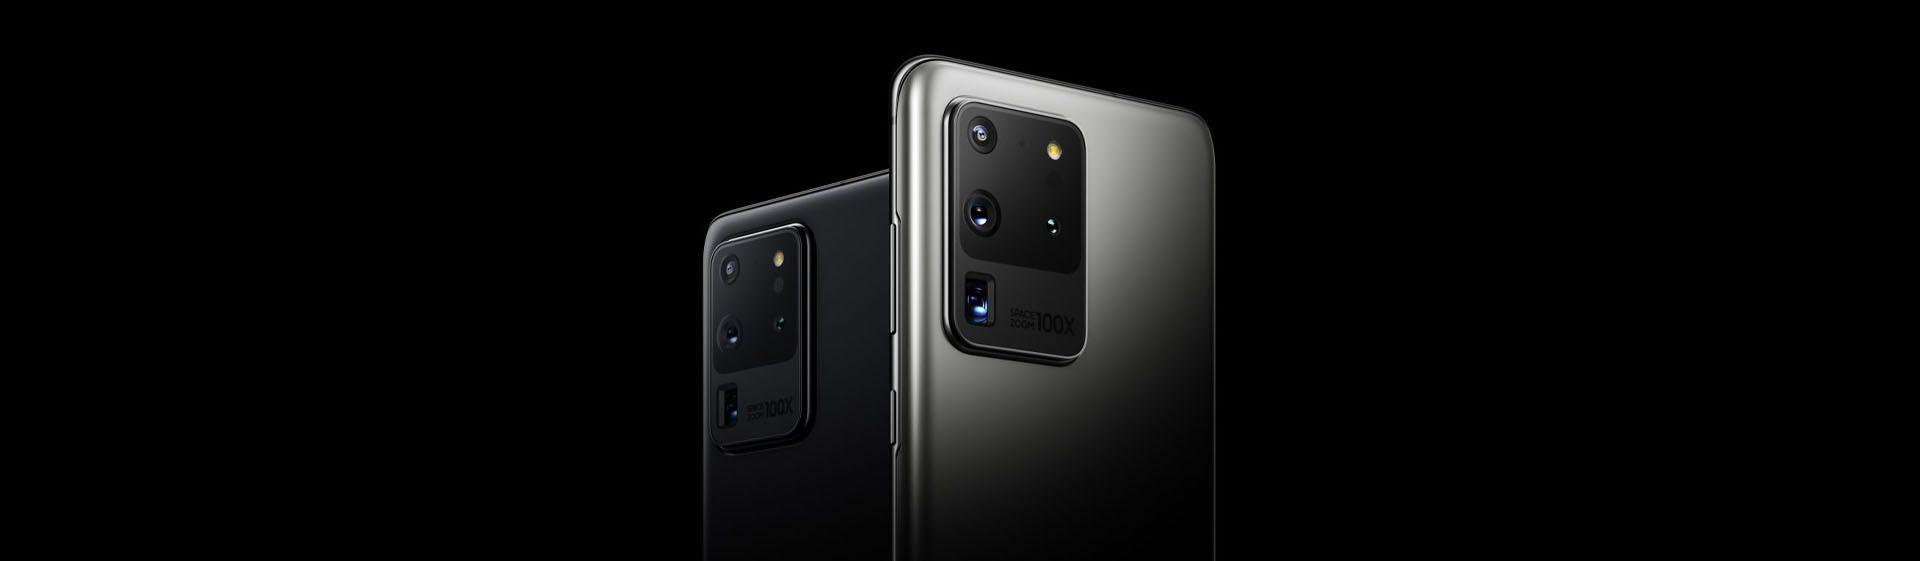 Samsung anuncia Galaxy S20, S20+ e S20 Ultra; veja preço e ficha técnica